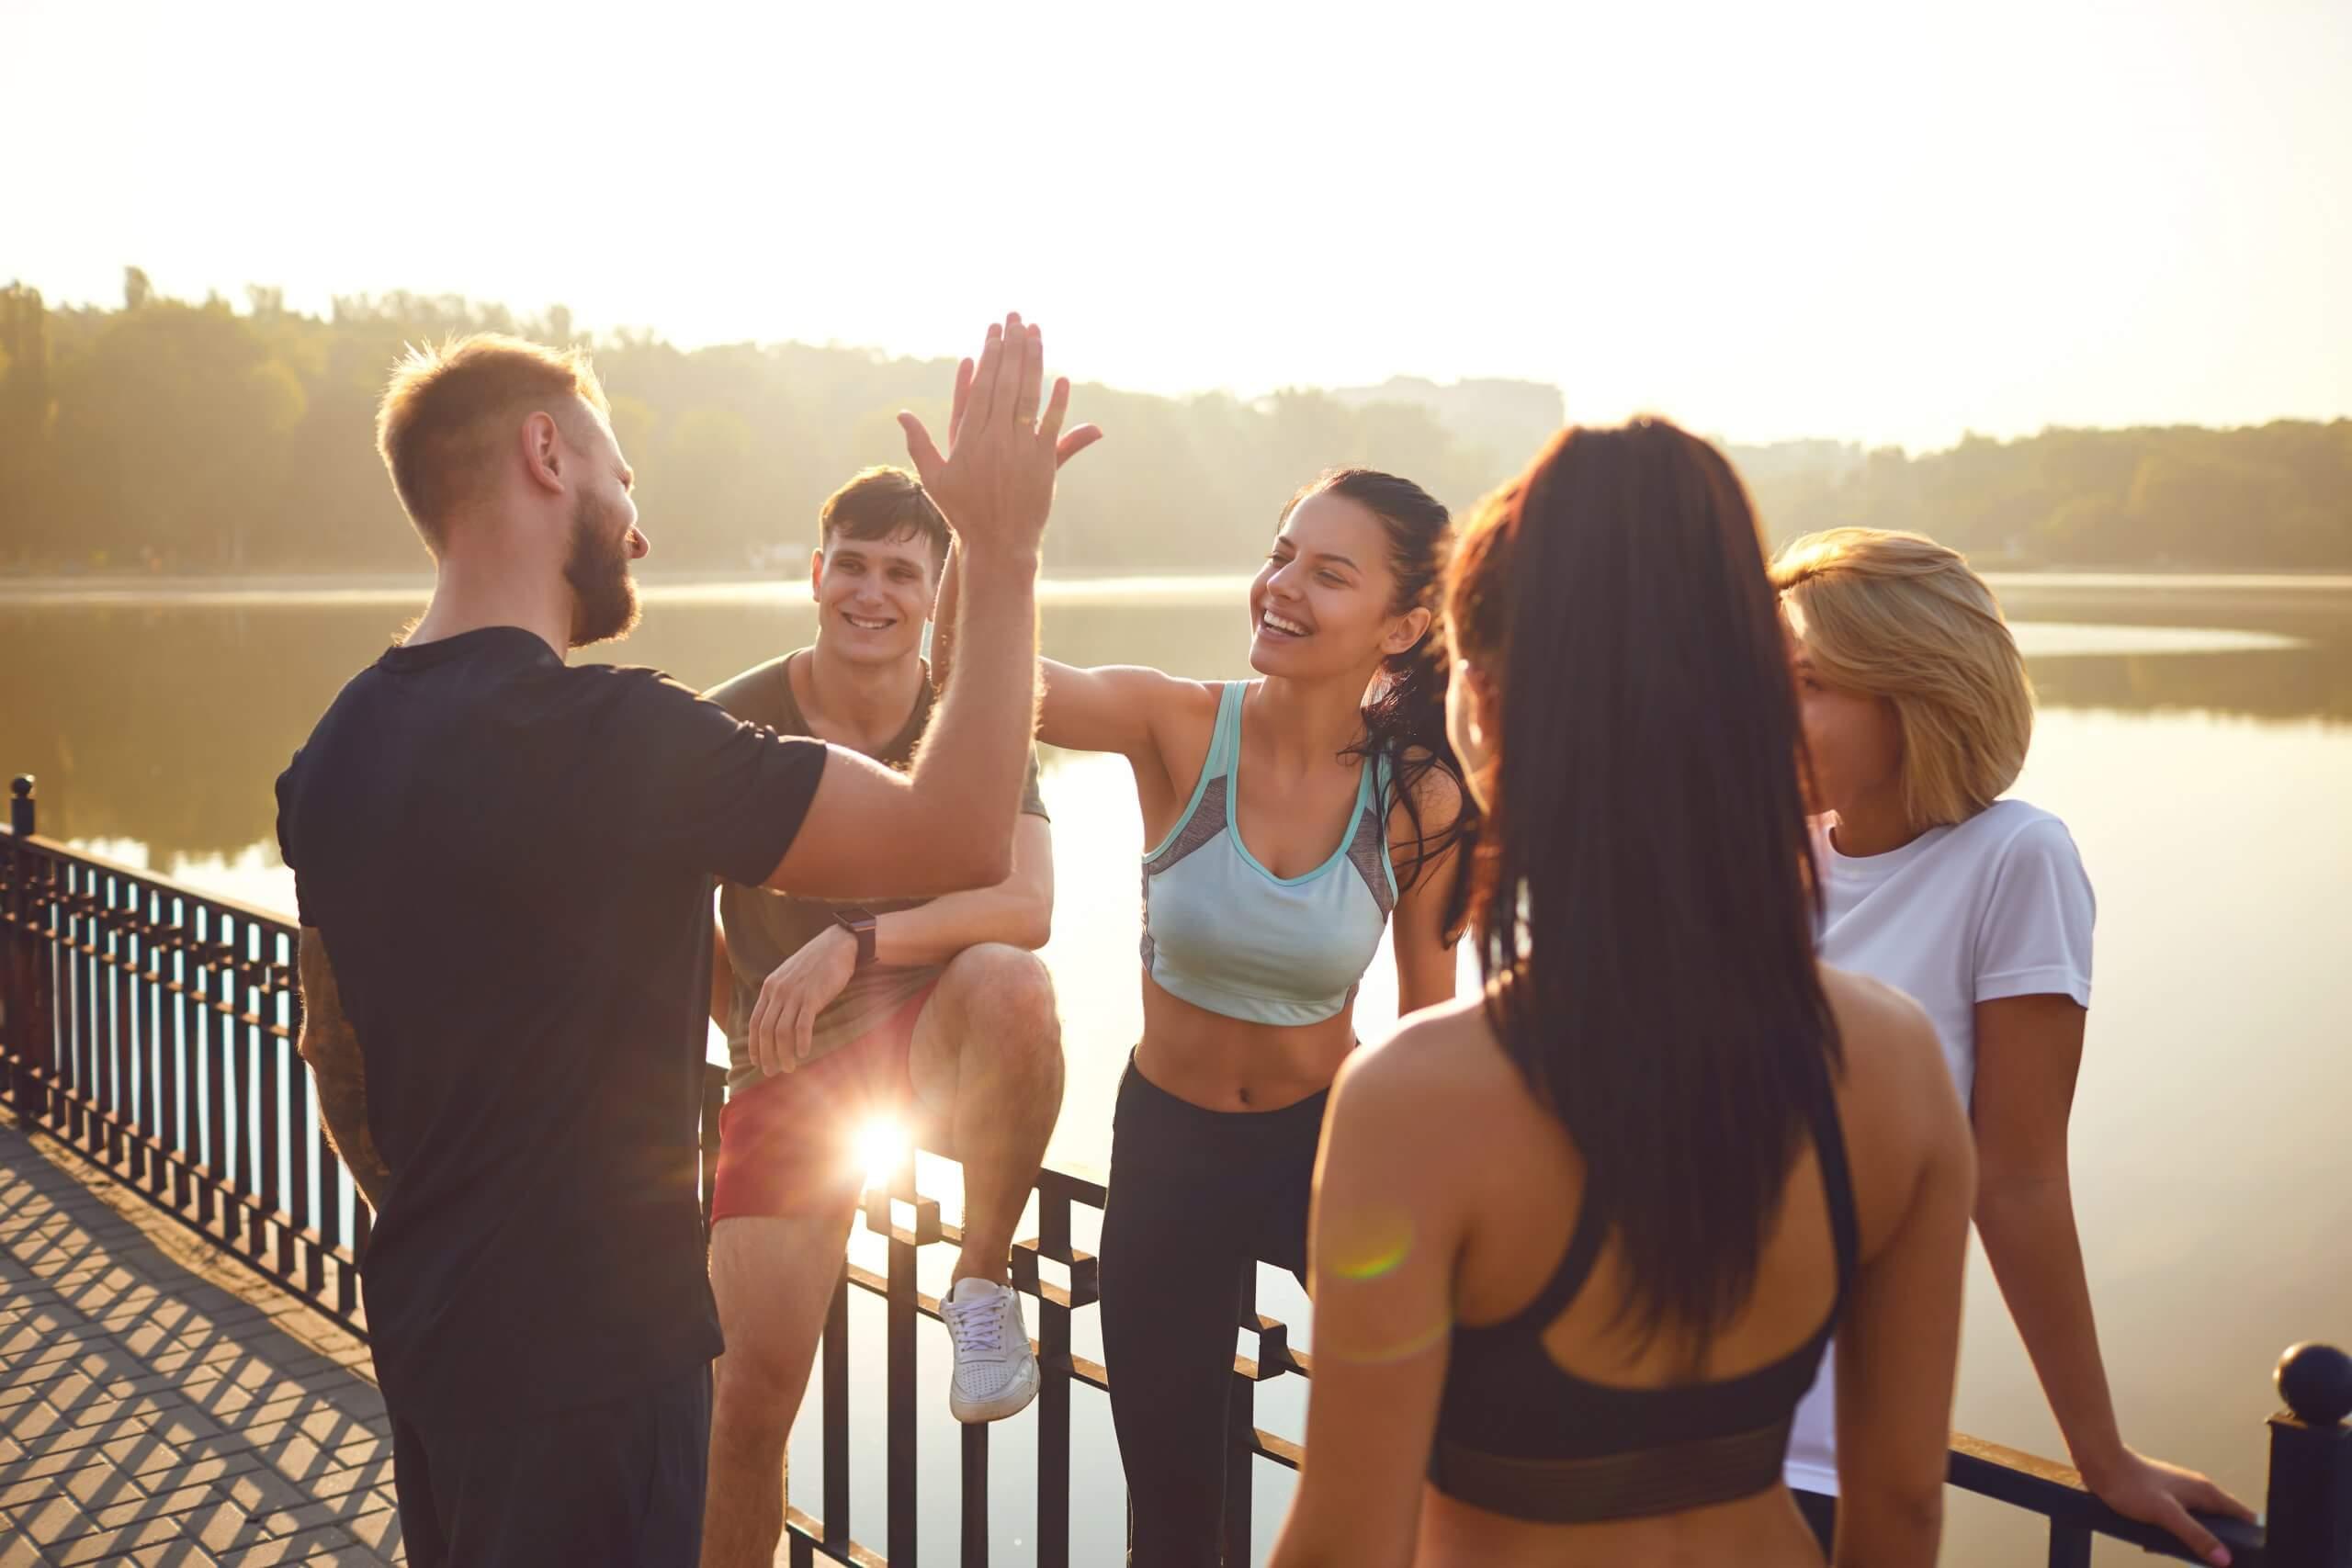 group-yoga-high-fiving